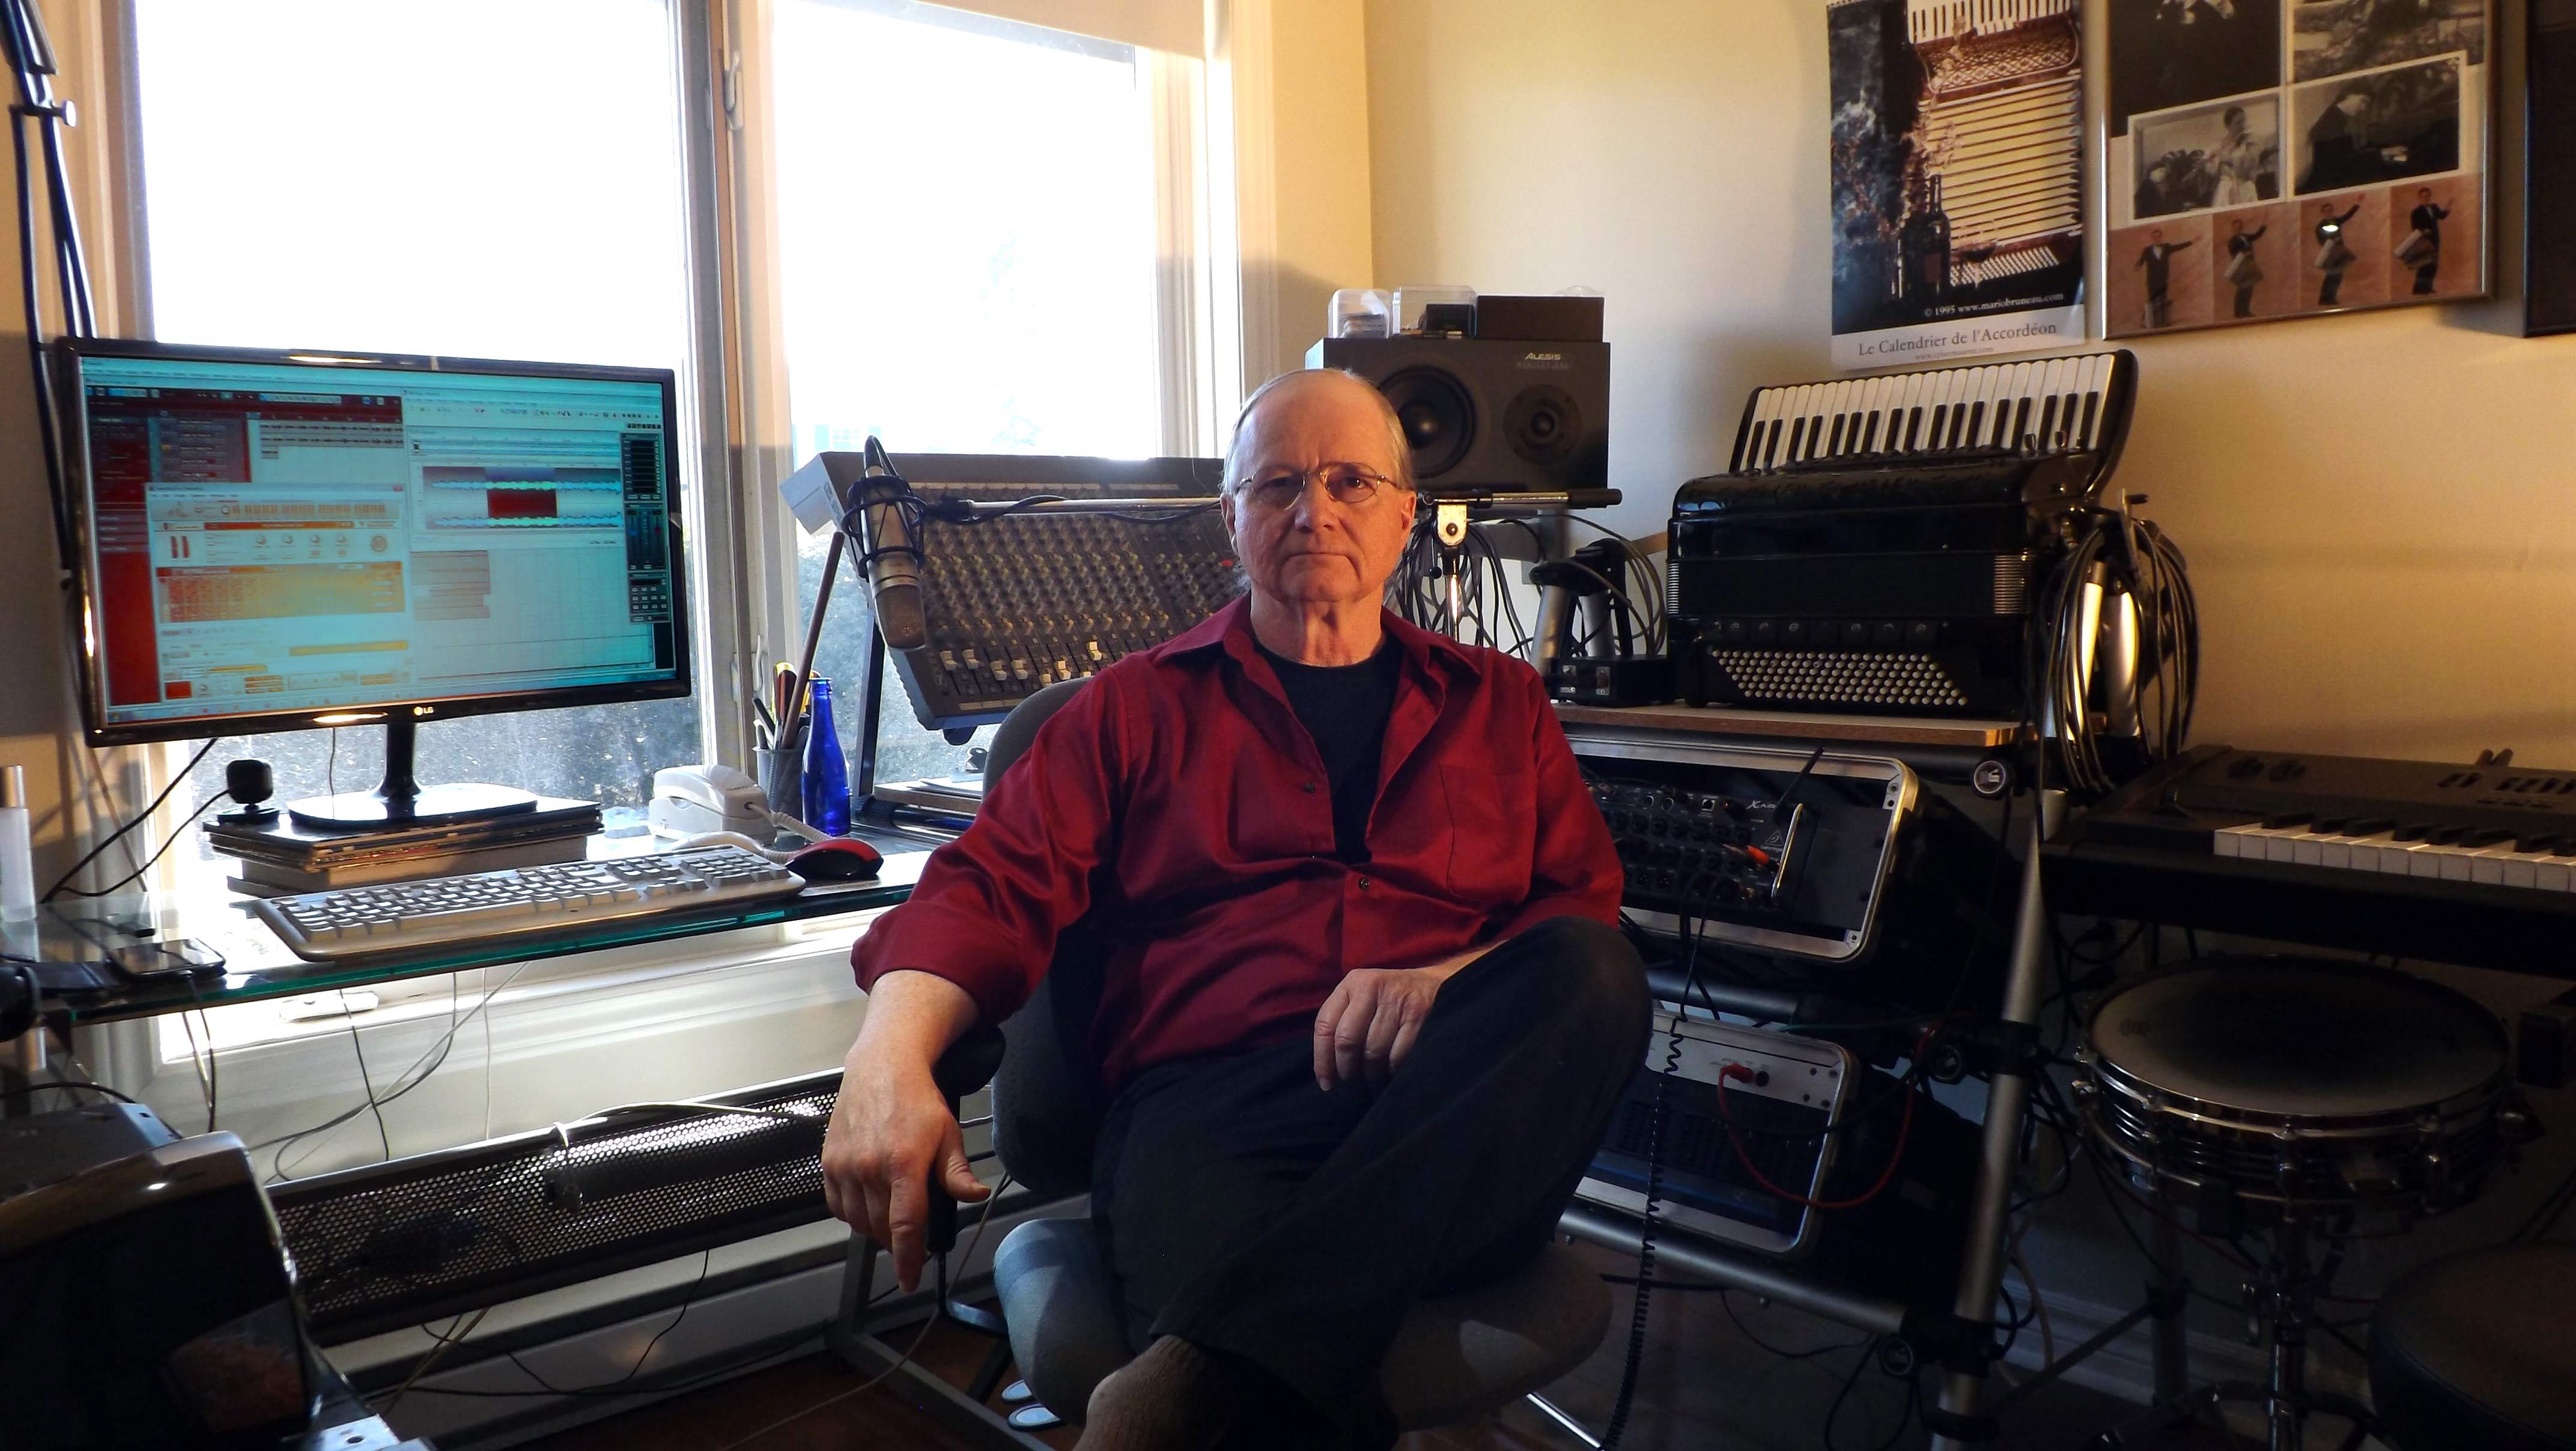 compositeur de musique de film  pianiste et accord u00e9oniste